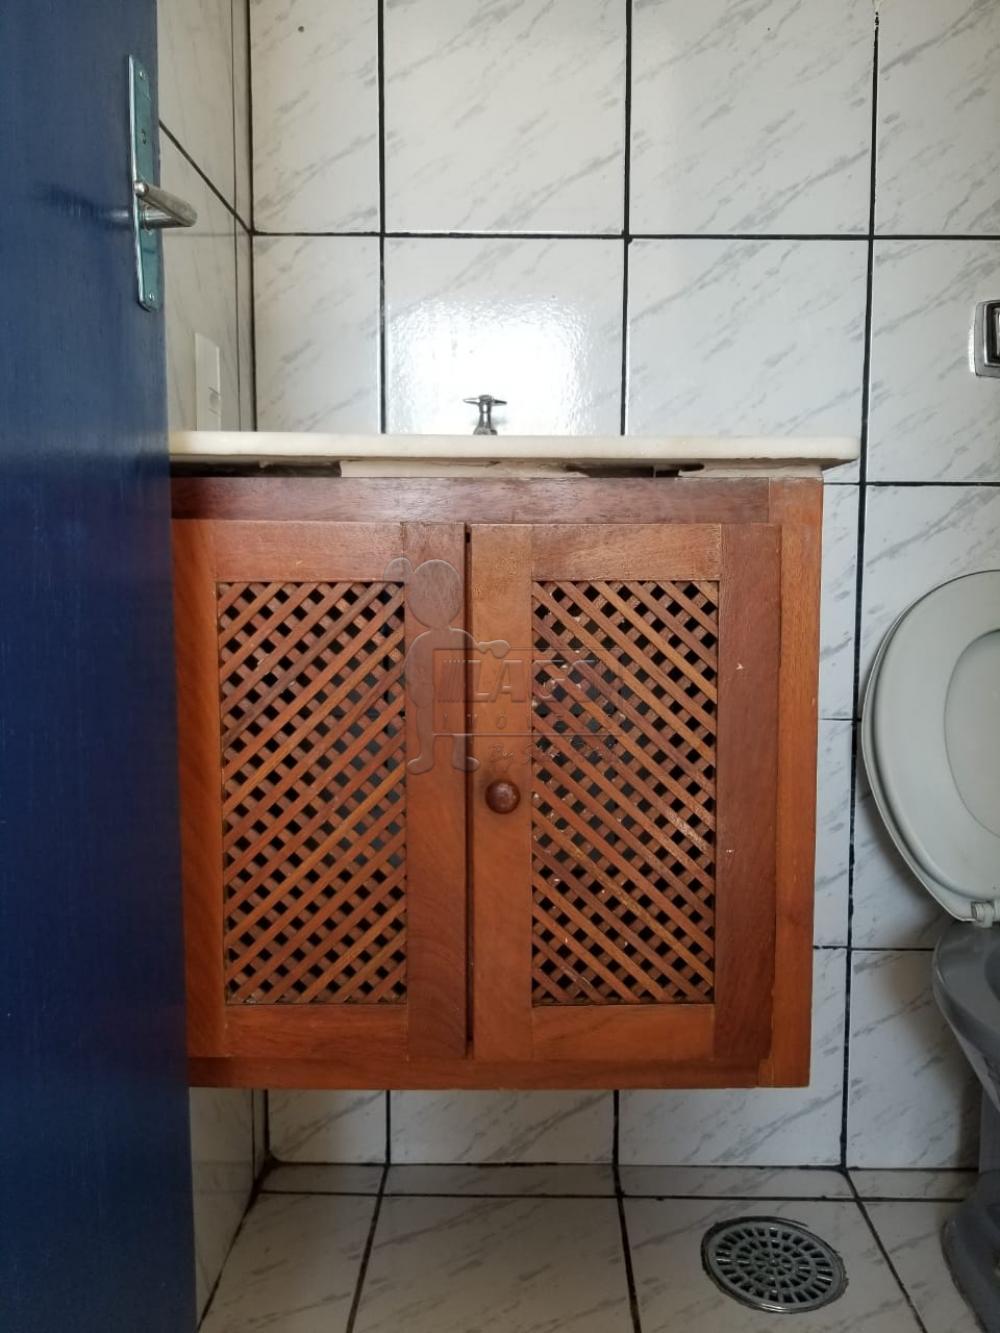 Alugar Apartamento / Padrão em Ribeirão Preto apenas R$ 700,00 - Foto 24